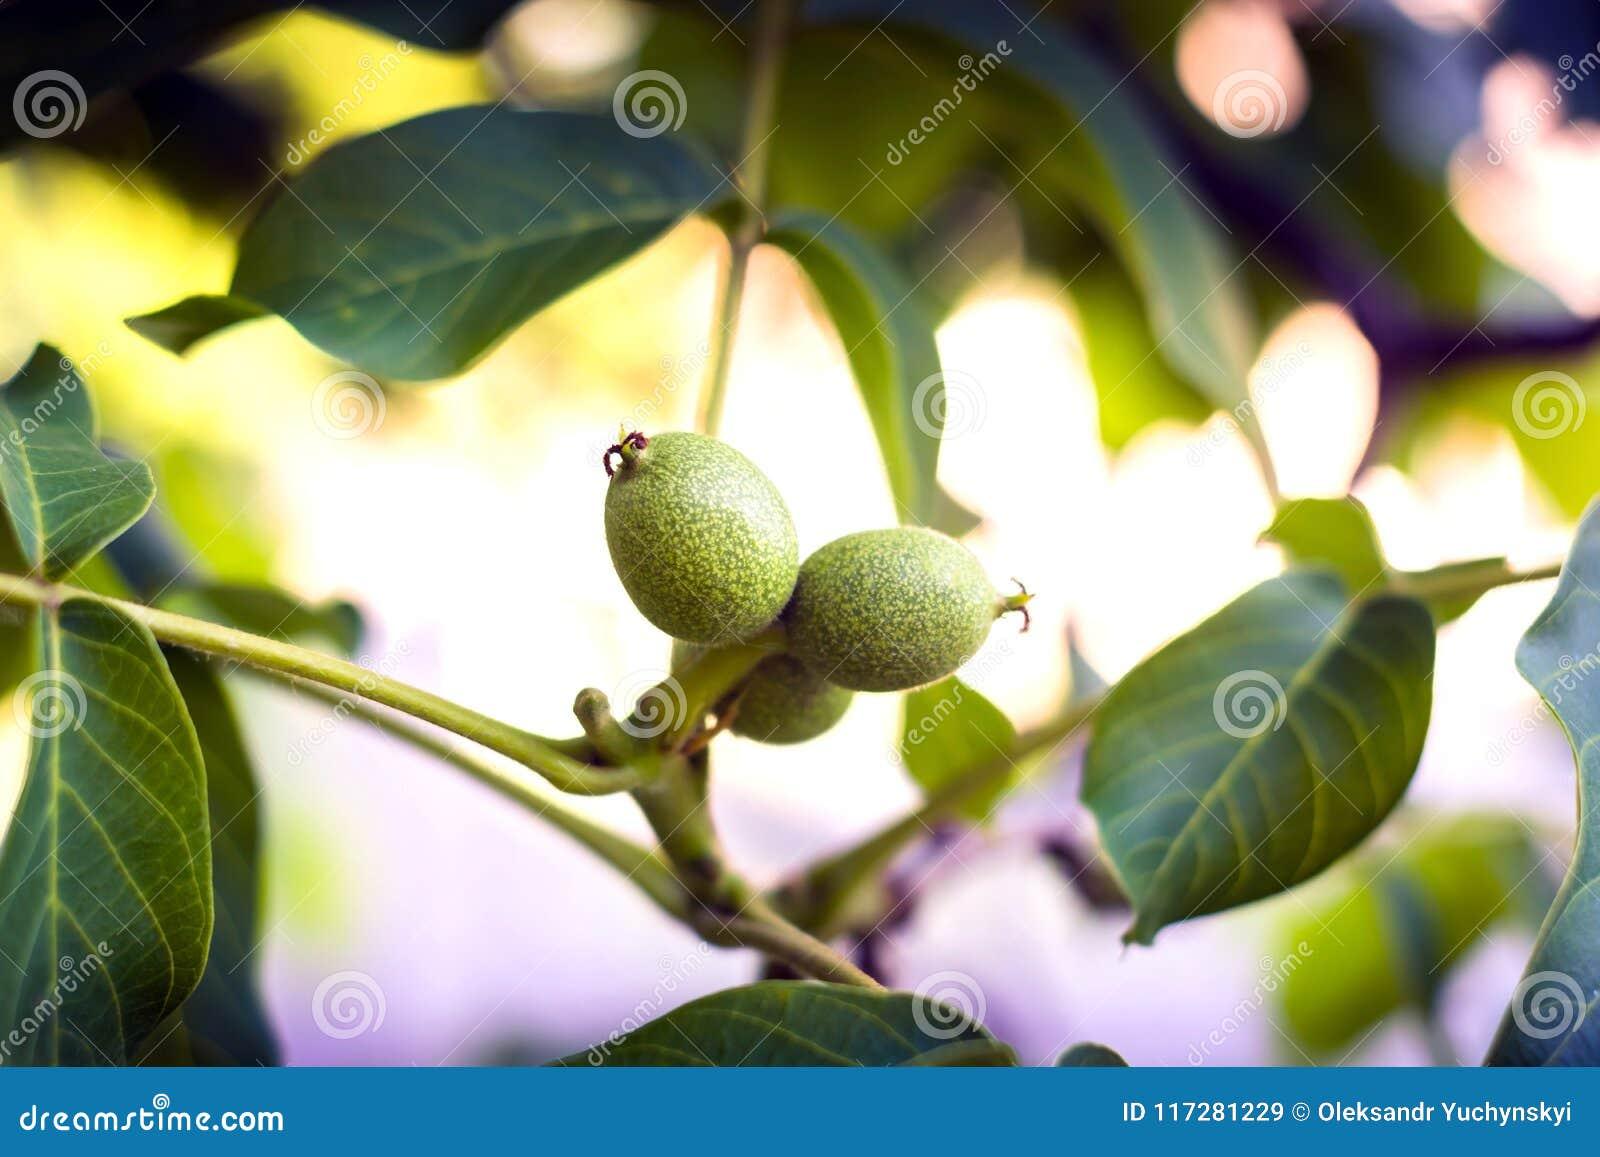 Noix non mûres dans la perspective de jeunes feuilles et raies du soleil